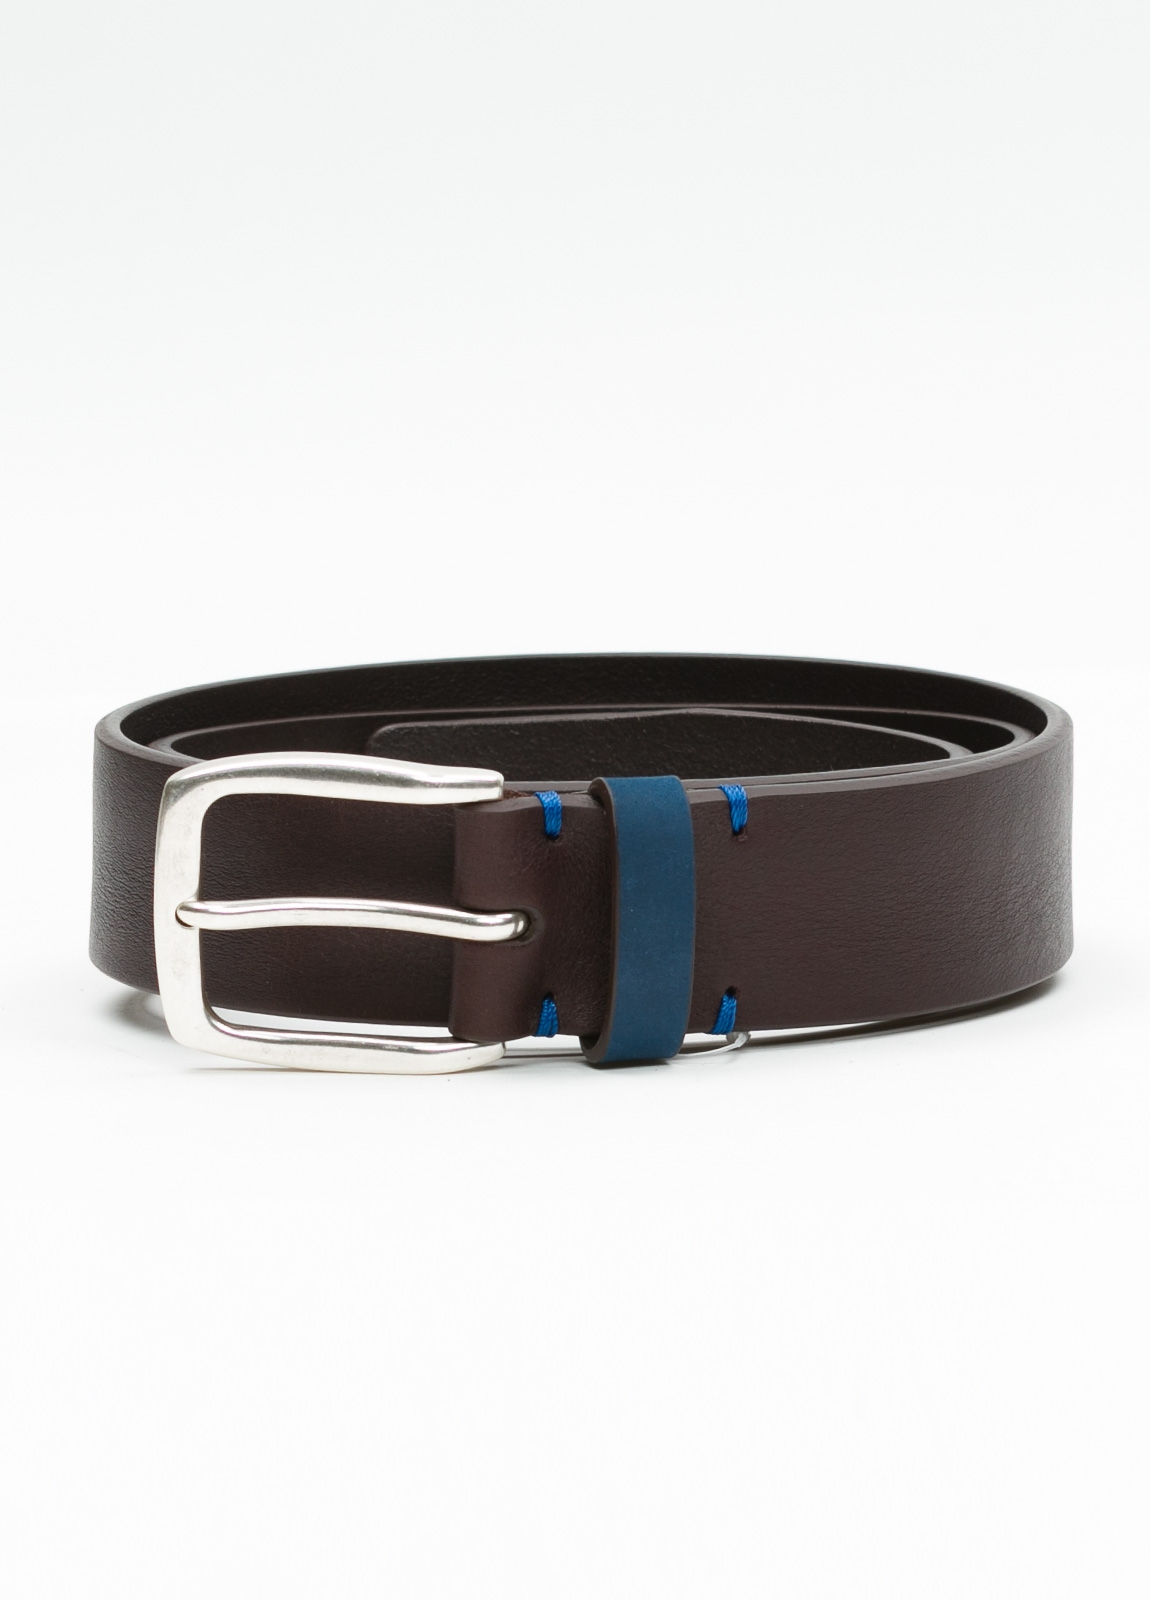 Cinturón Sport piel lisa color marrón, 100% Piel.